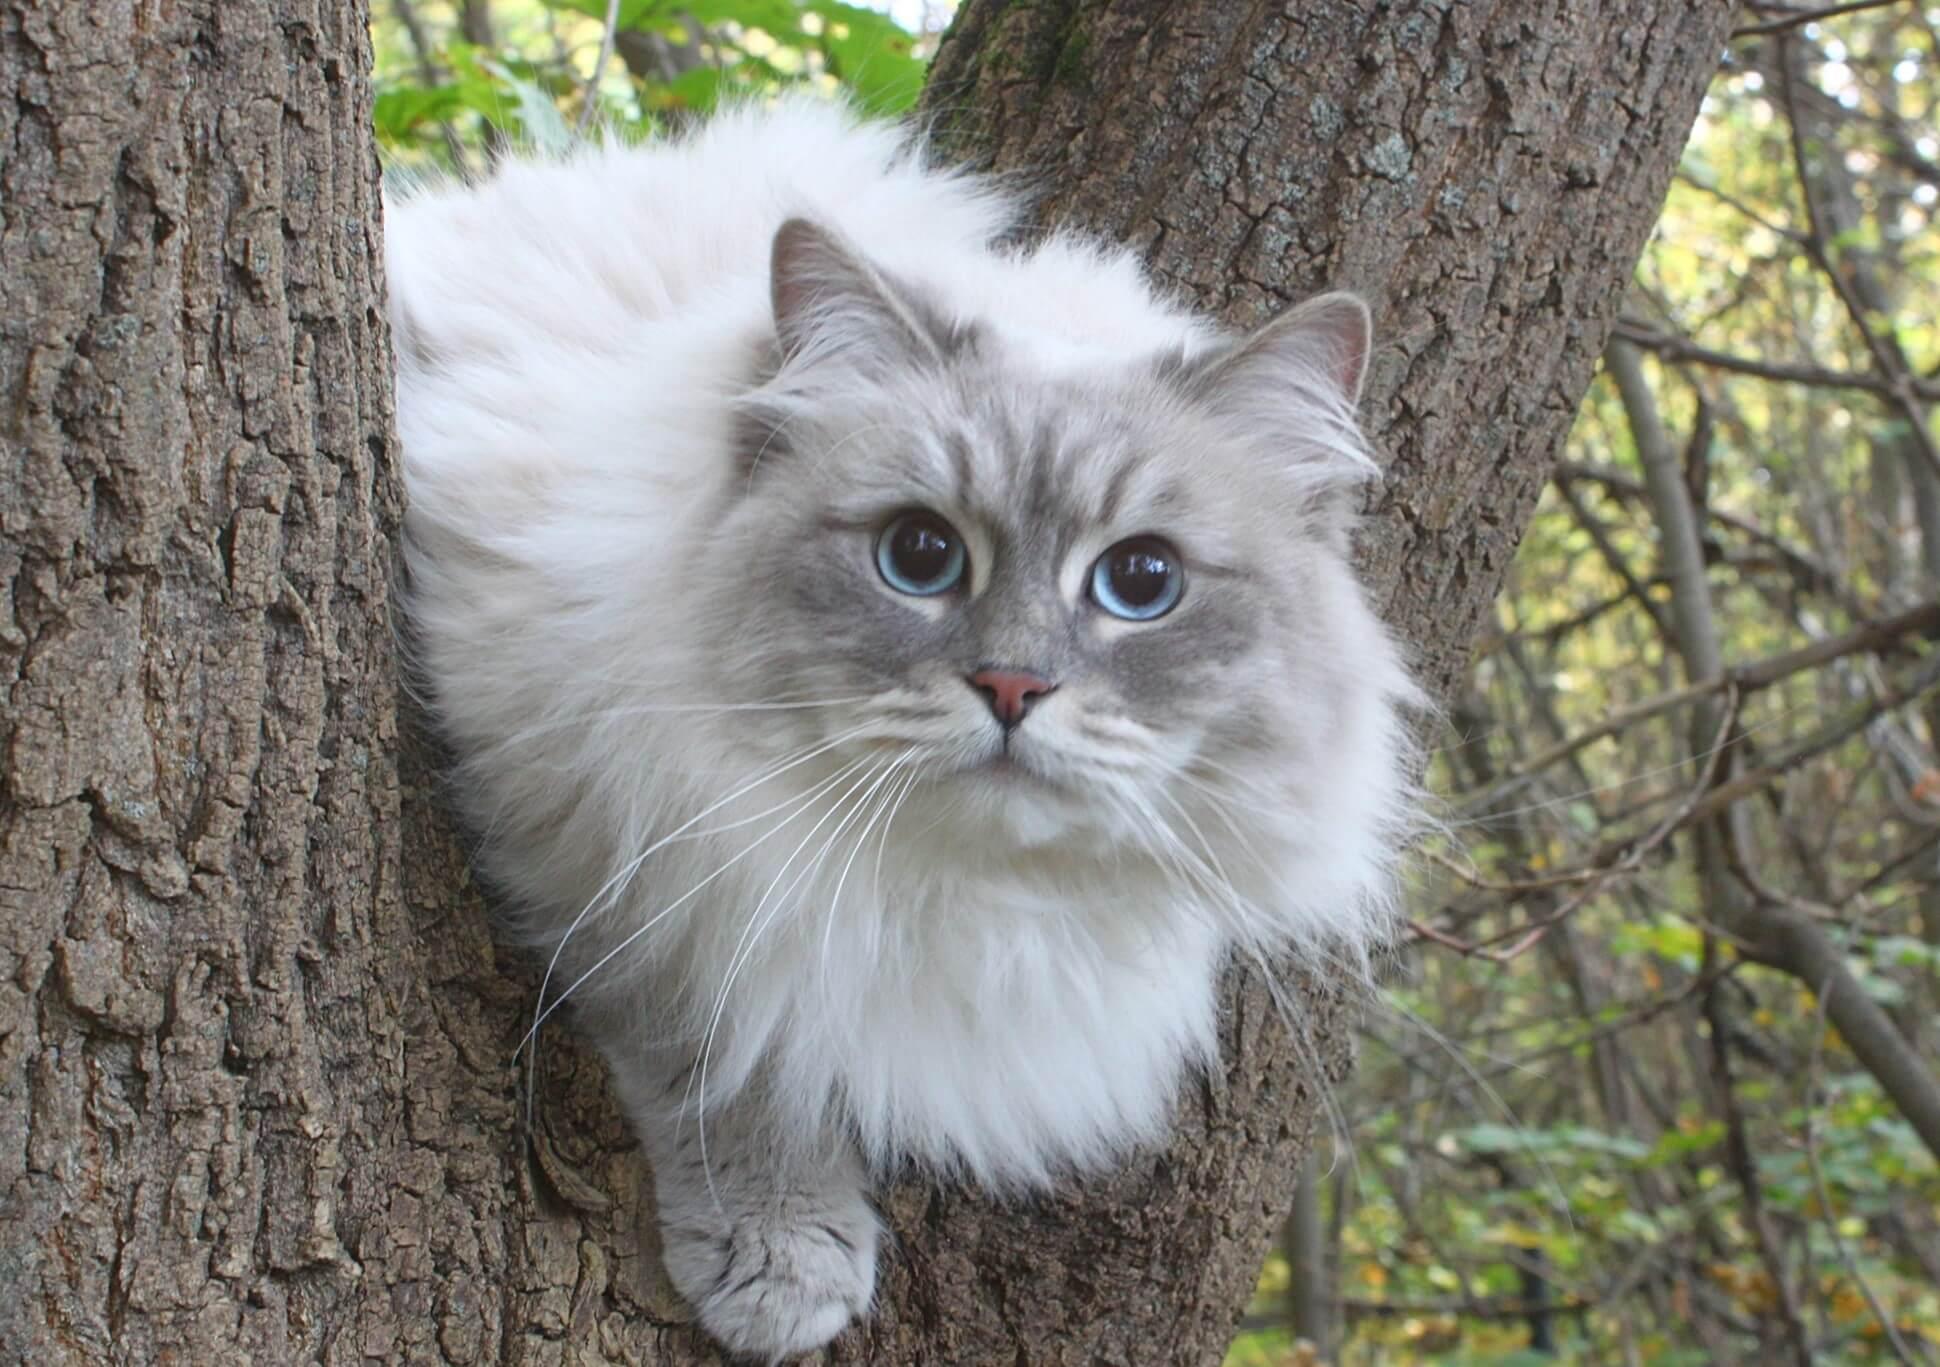 Siberian cat on a walk